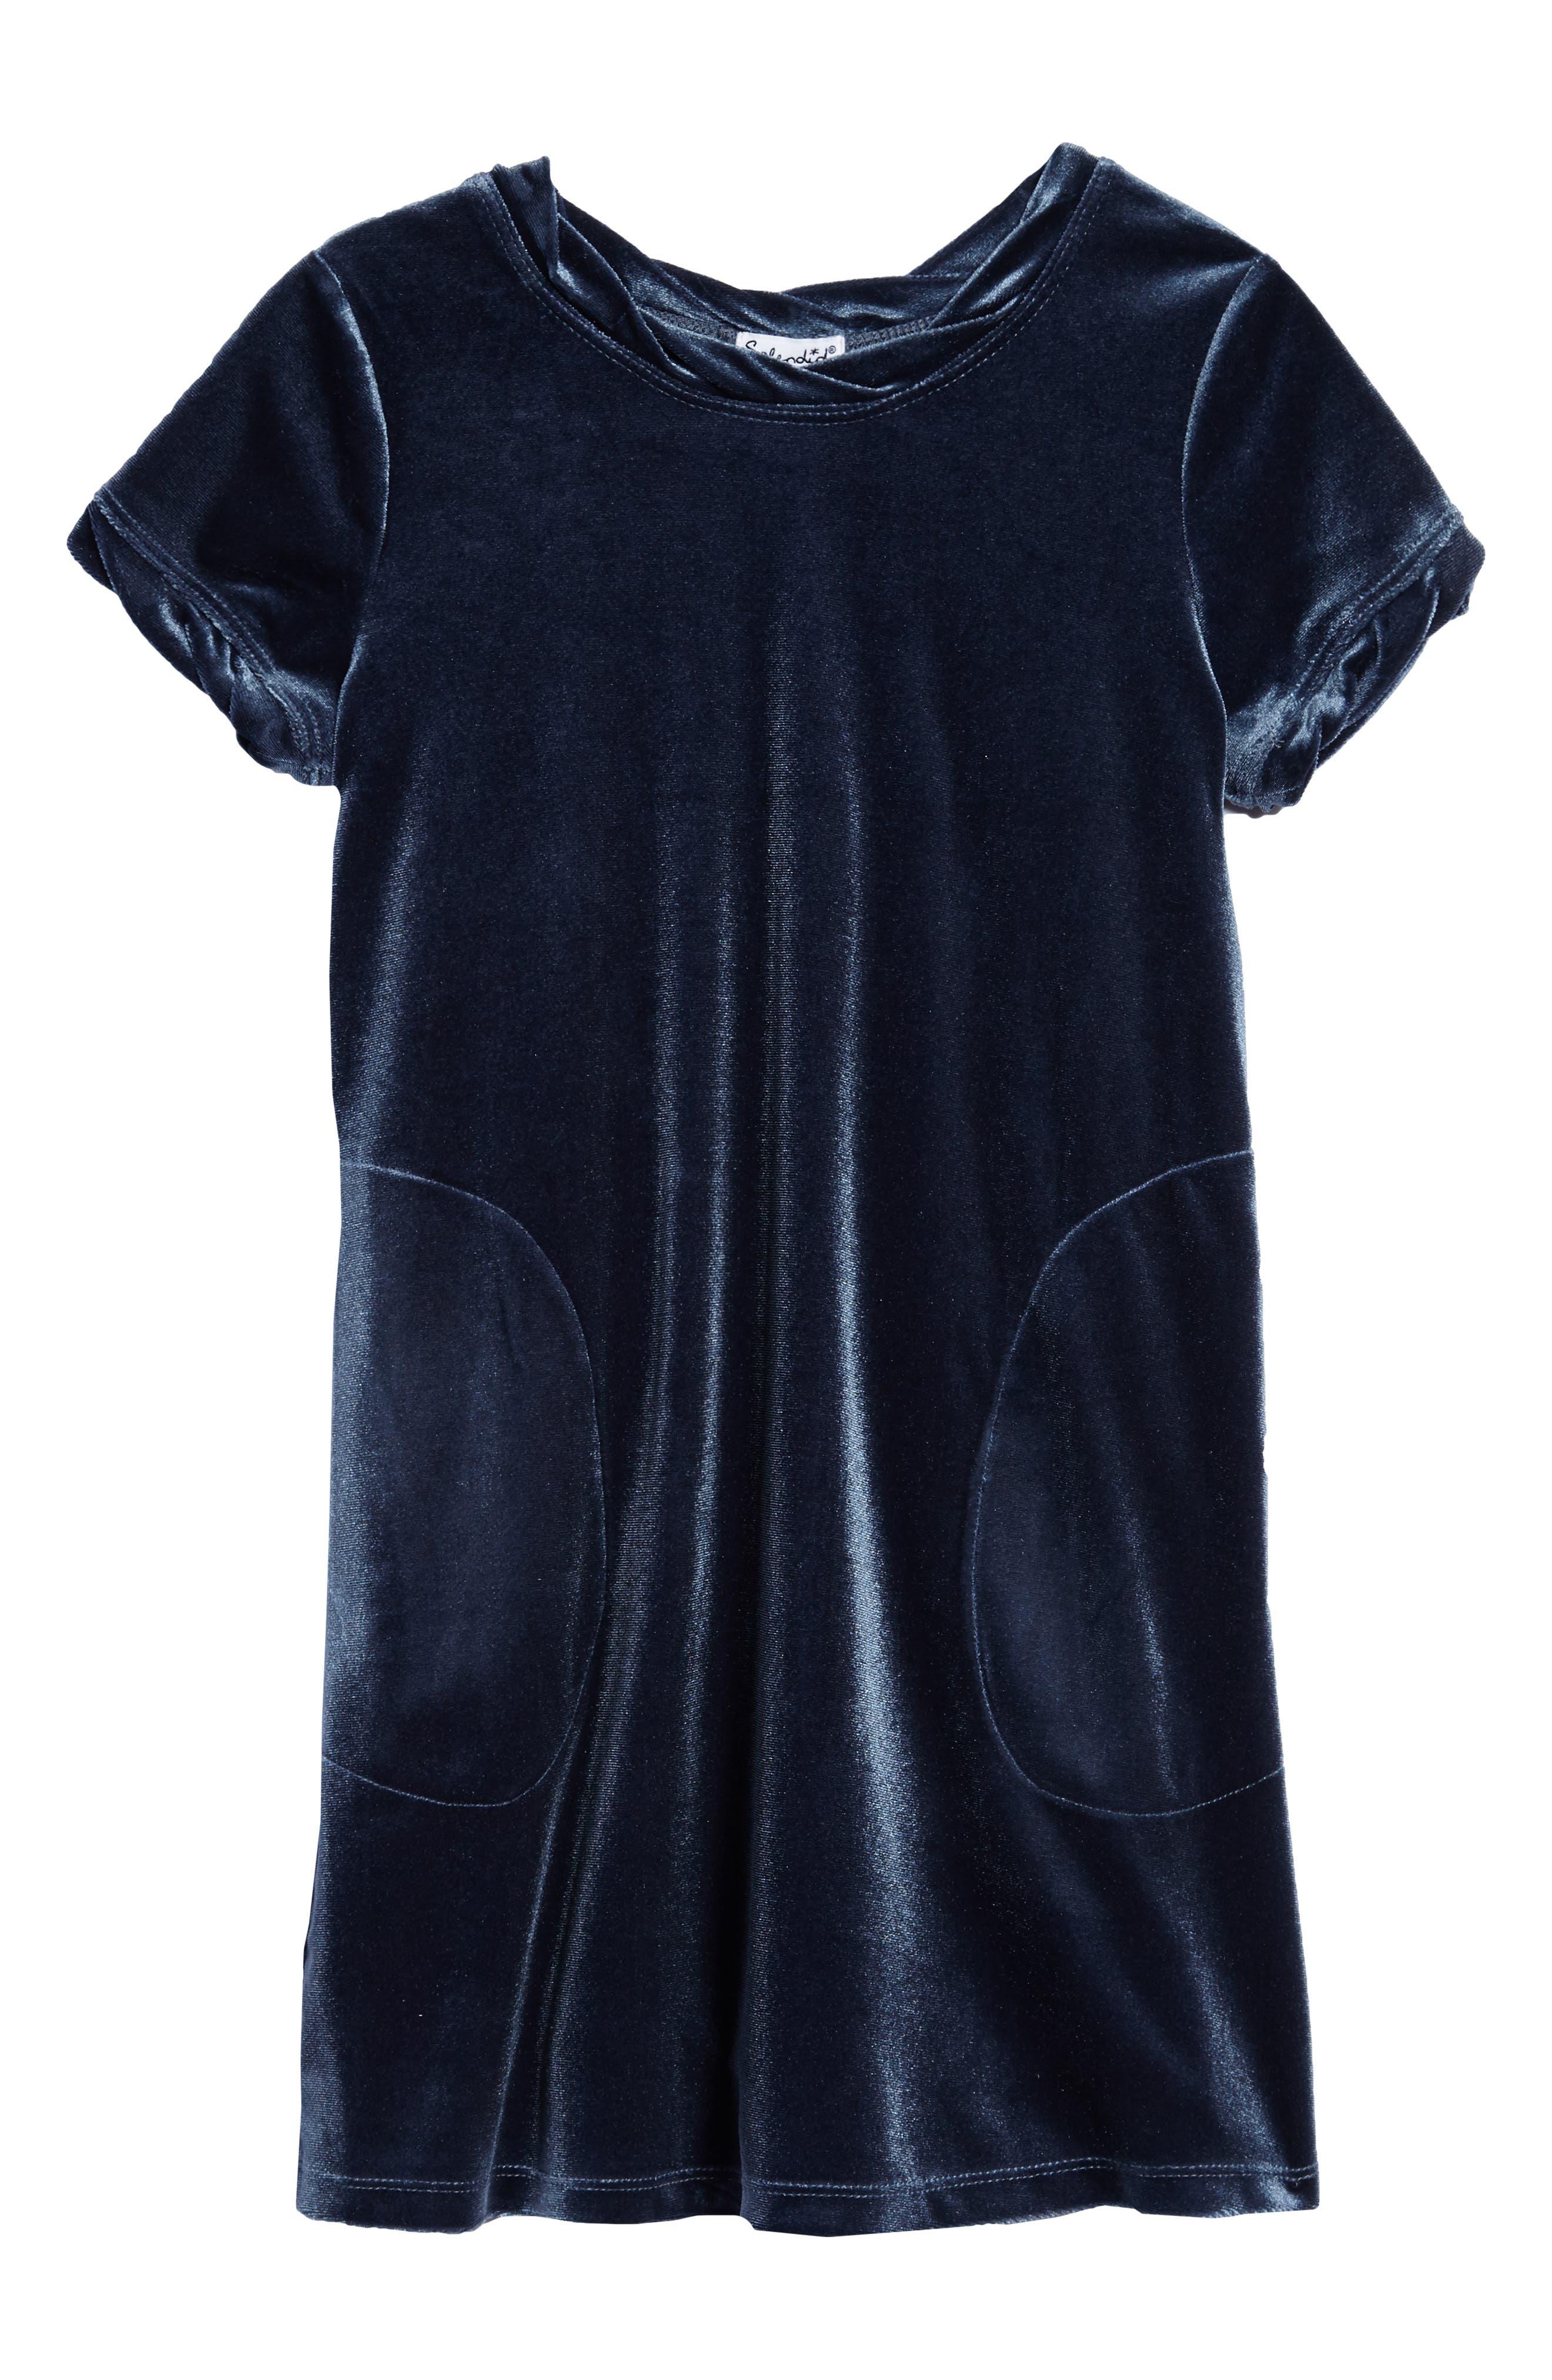 Main Image - Splendid Velour Shift Dress (Big Girls)